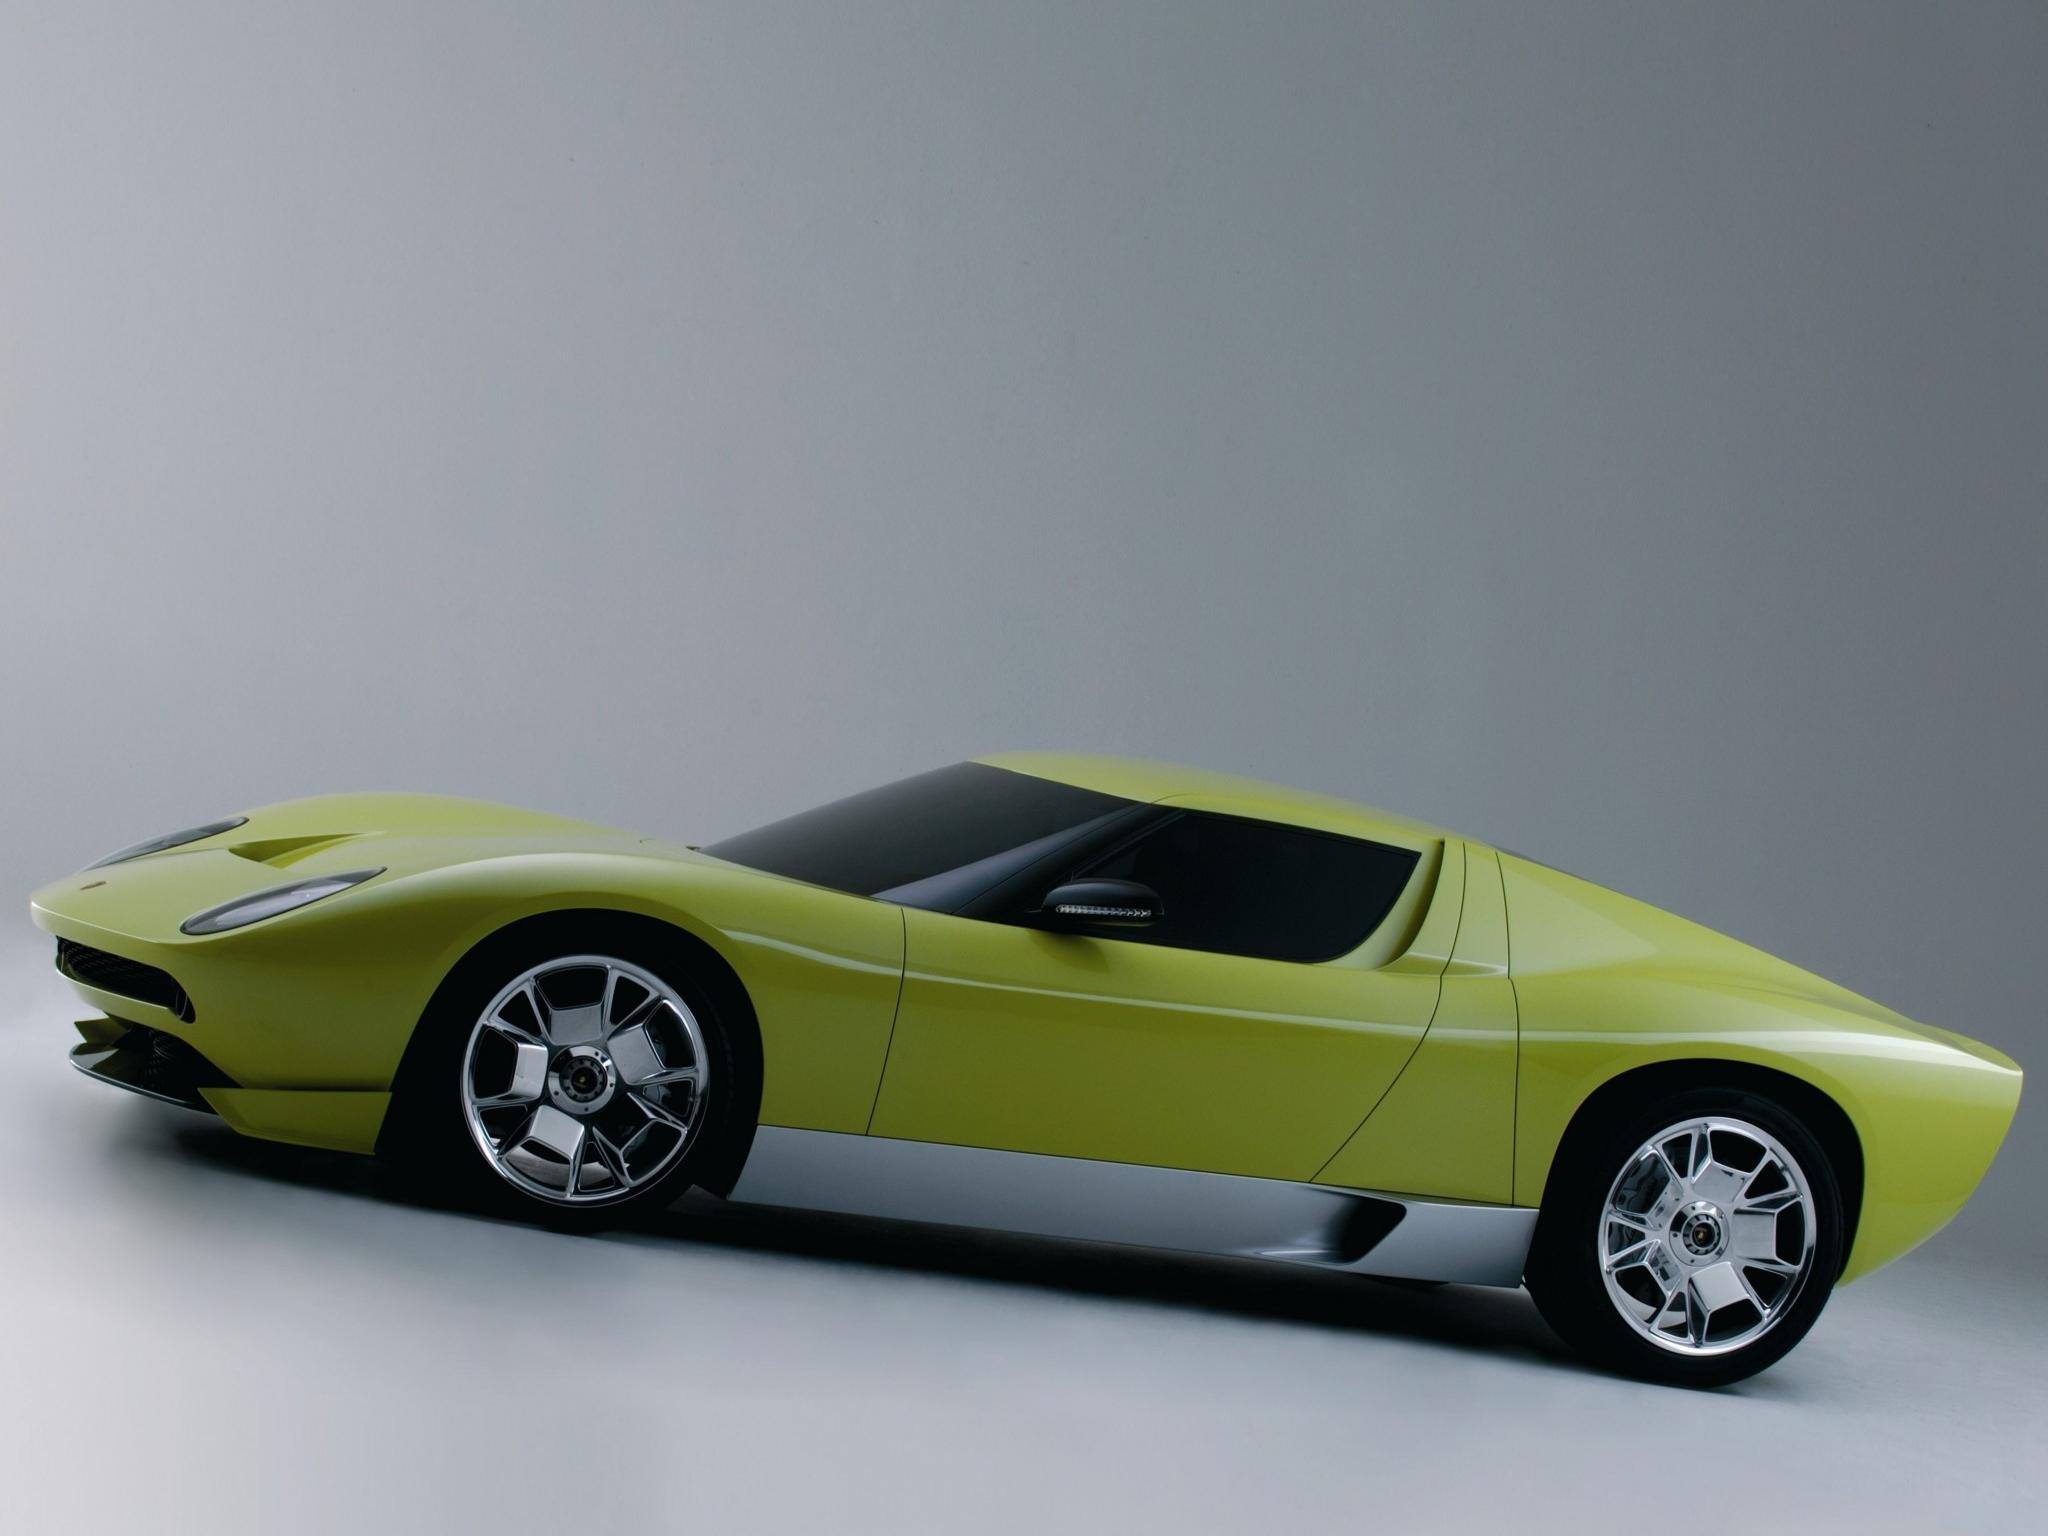 New Lamborghini Miura Considered Autoevolution